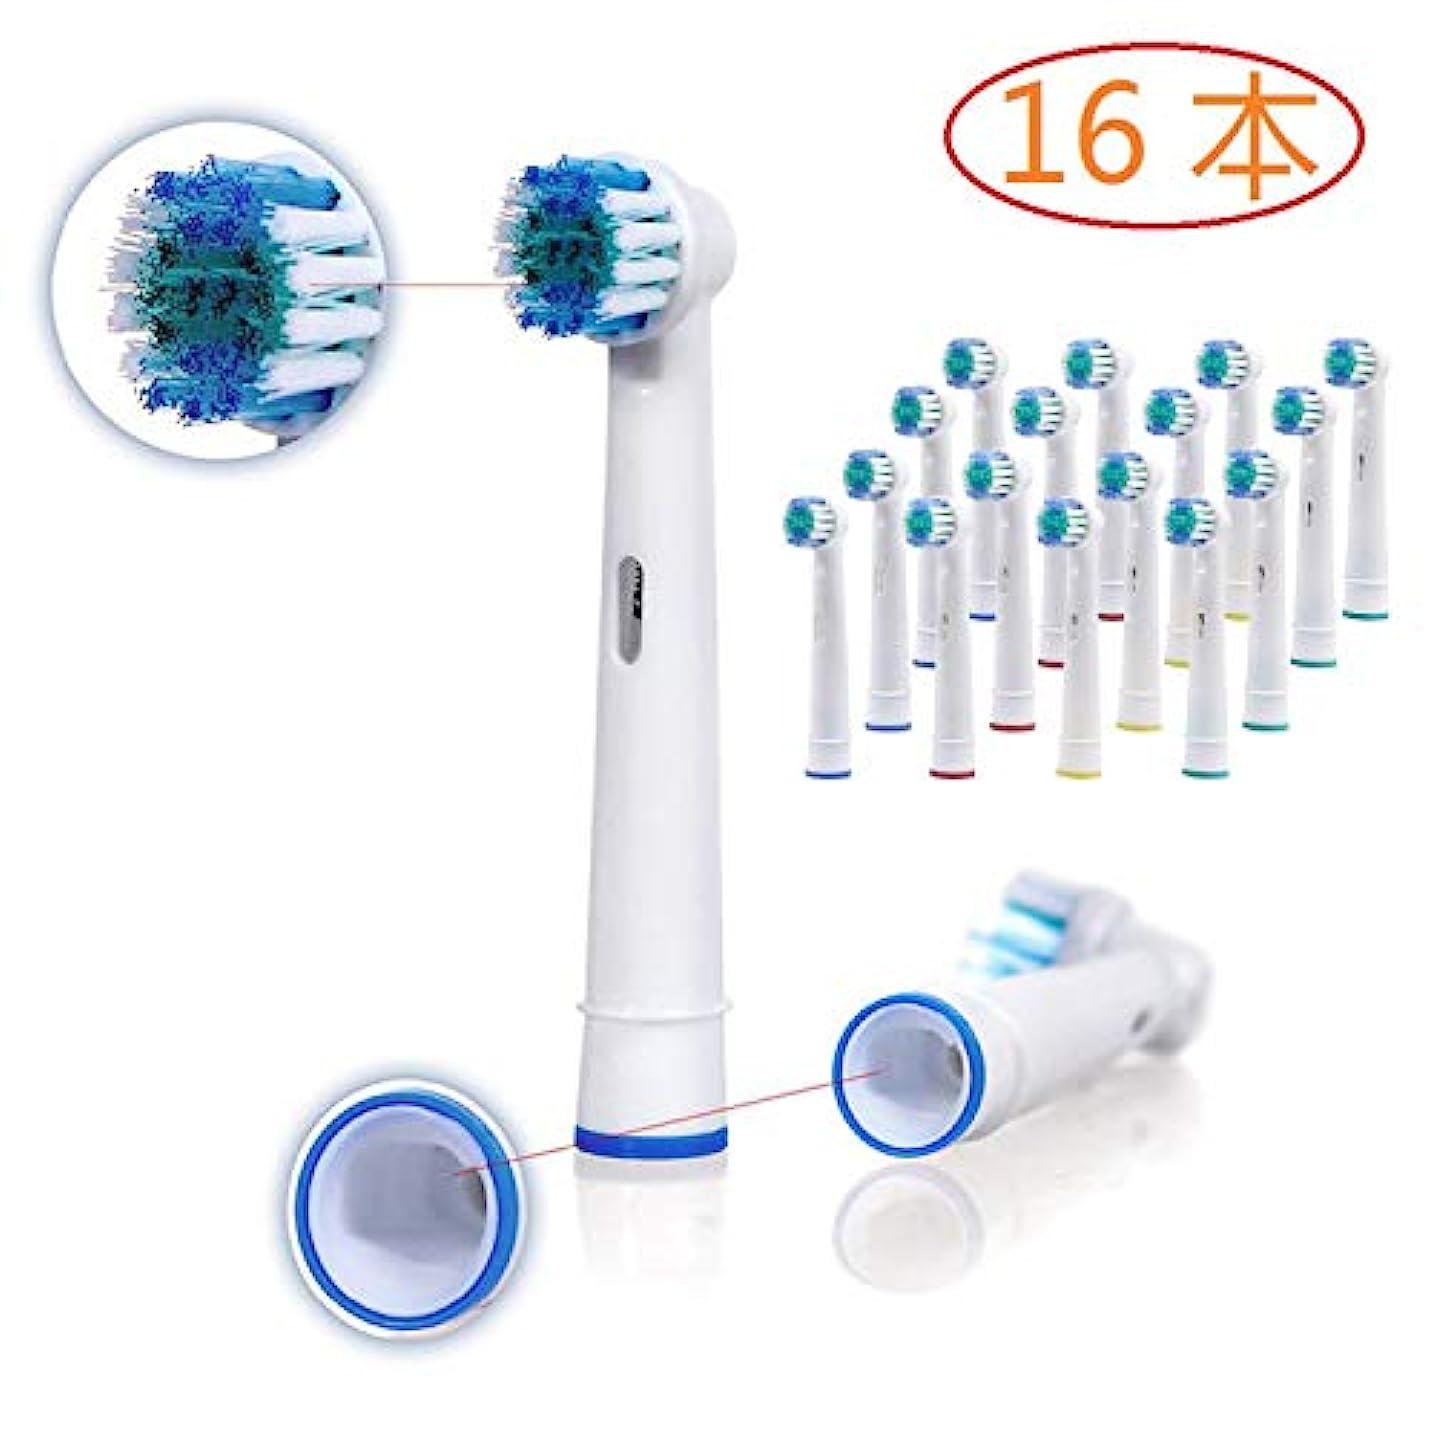 タック測定可能のぞき穴電動歯ブラシ 替えブラシブラウン オーラルB 対応 替えブラシ 16本 (白)